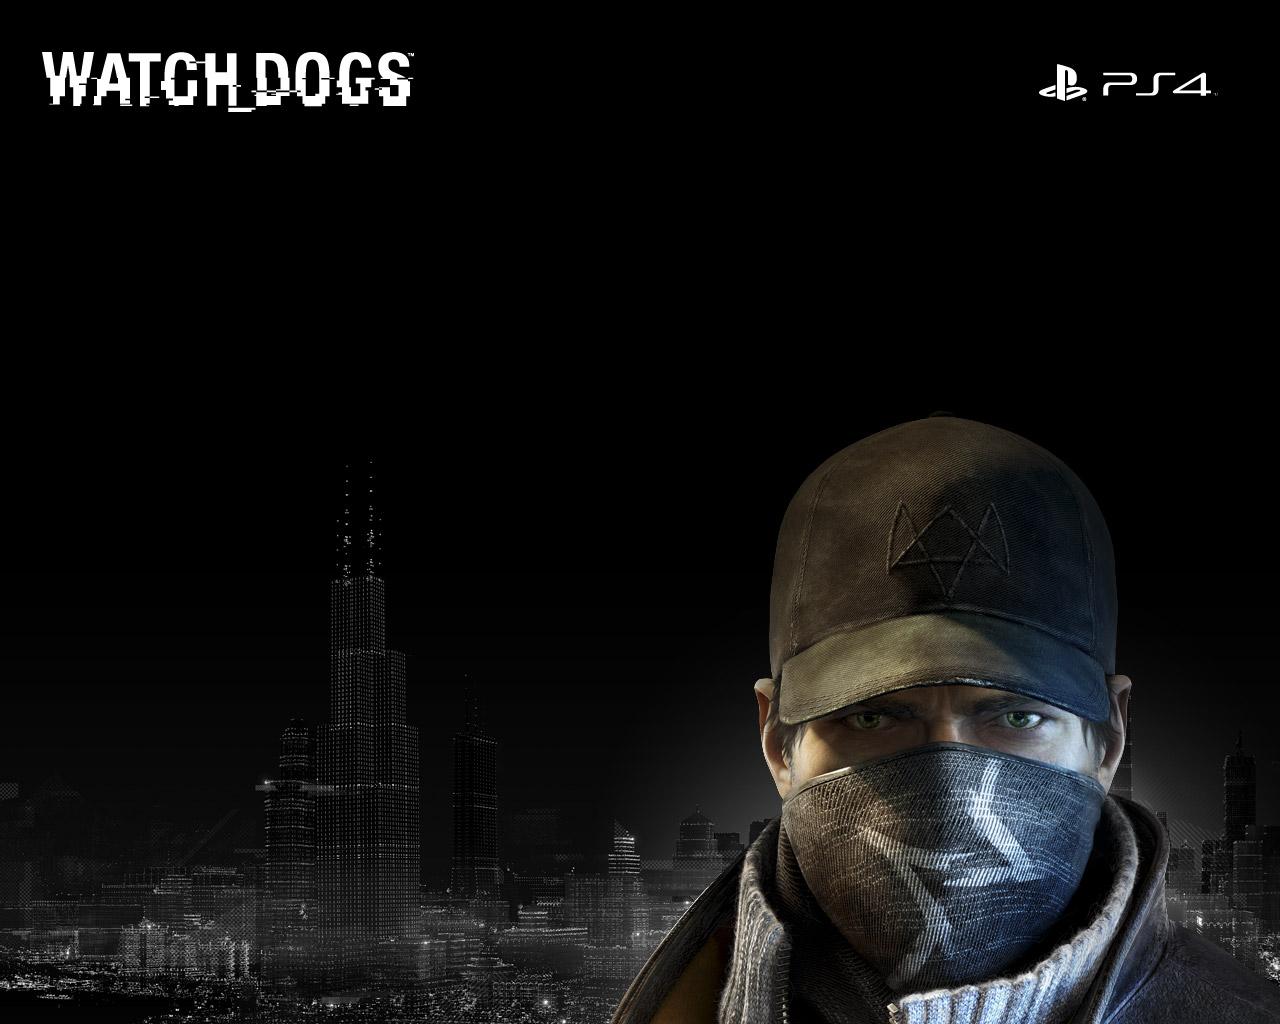 Обои - Фан-сайт Watch Dogs RU